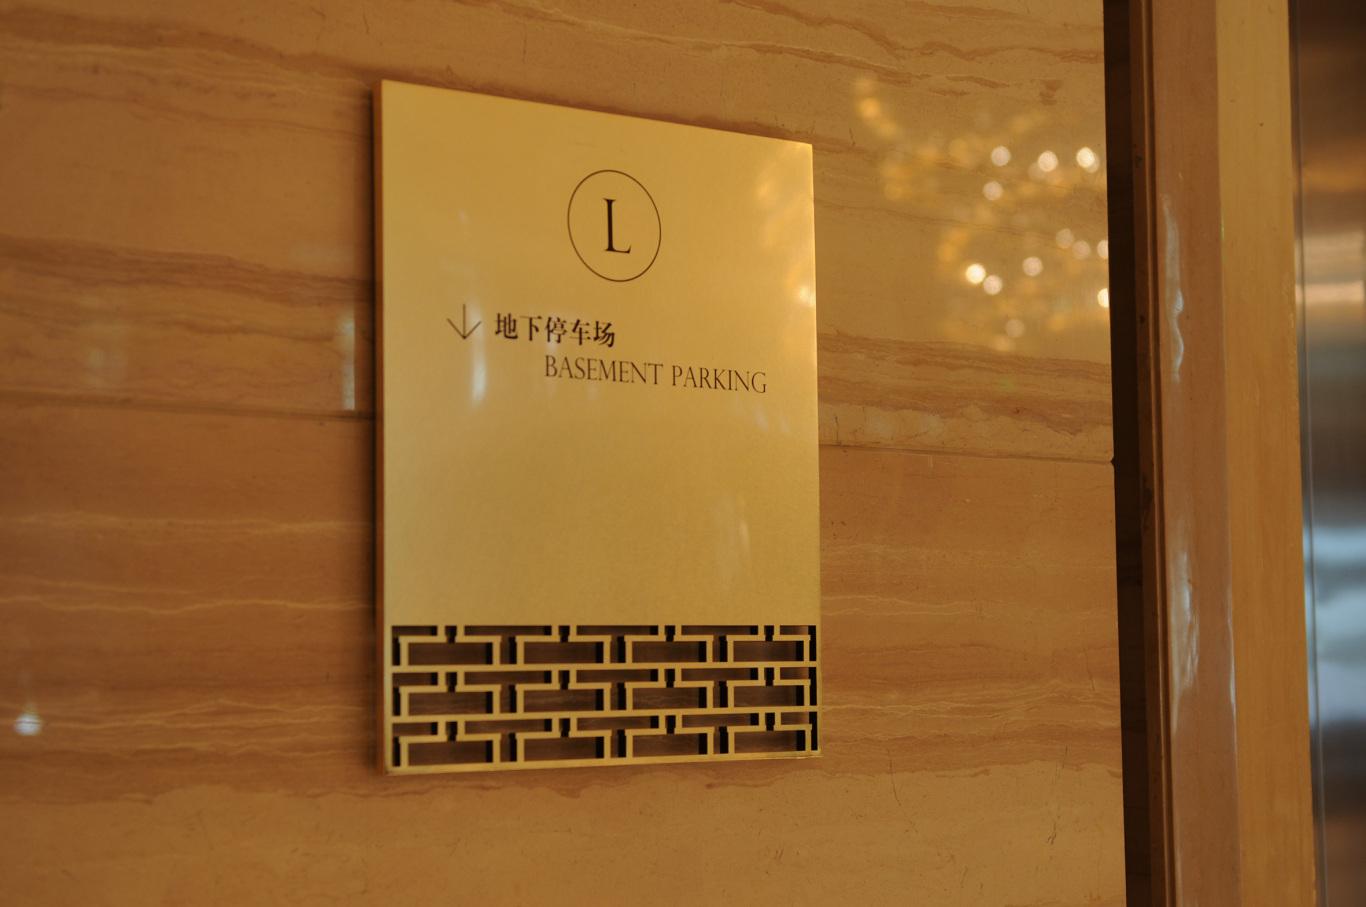 合肥皇冠假日酒店导视系统设计图2